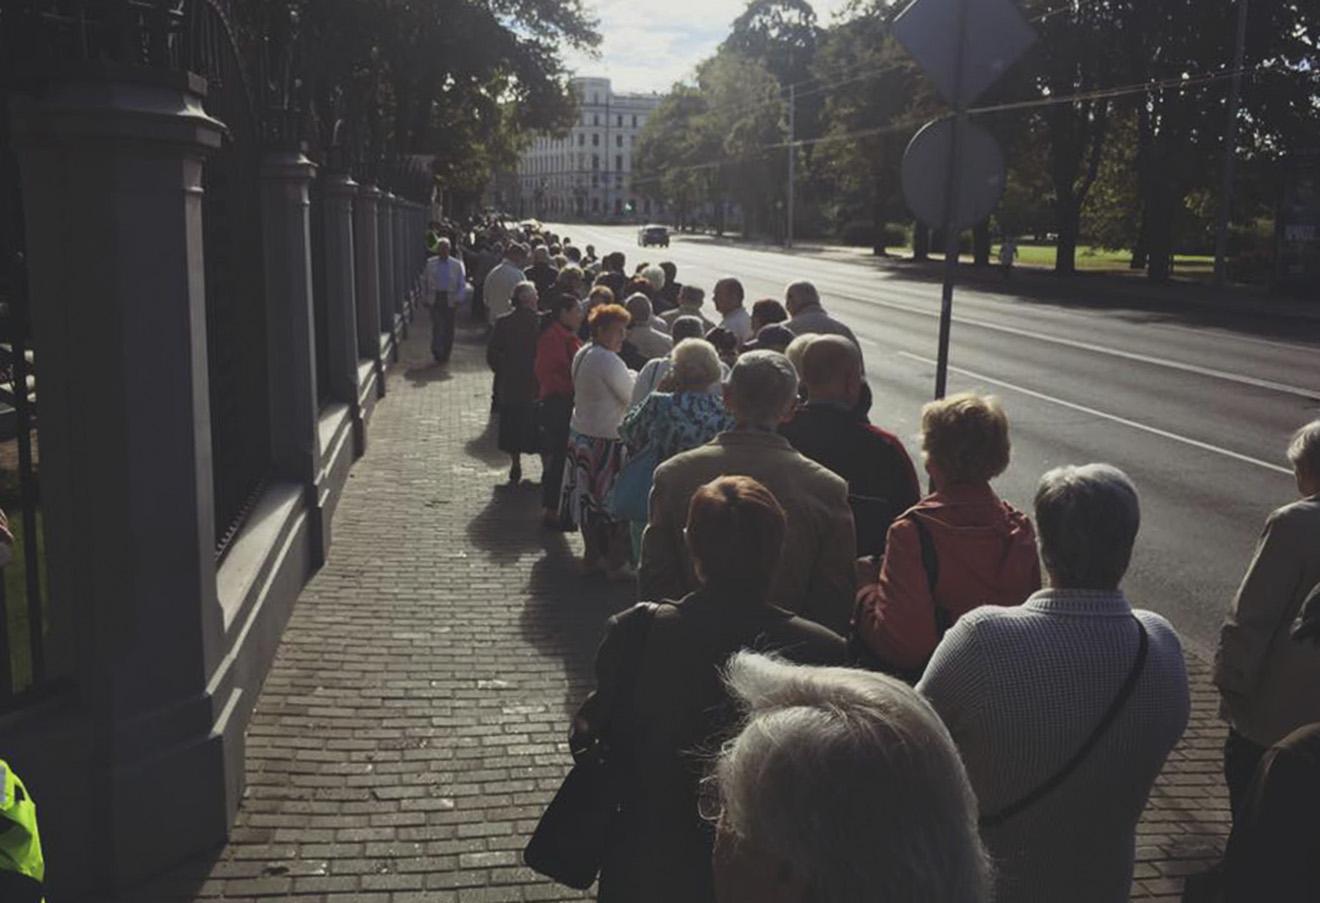 Очередь на избирательный участок в Риге. Фото: Илья Красильщик / Facebook